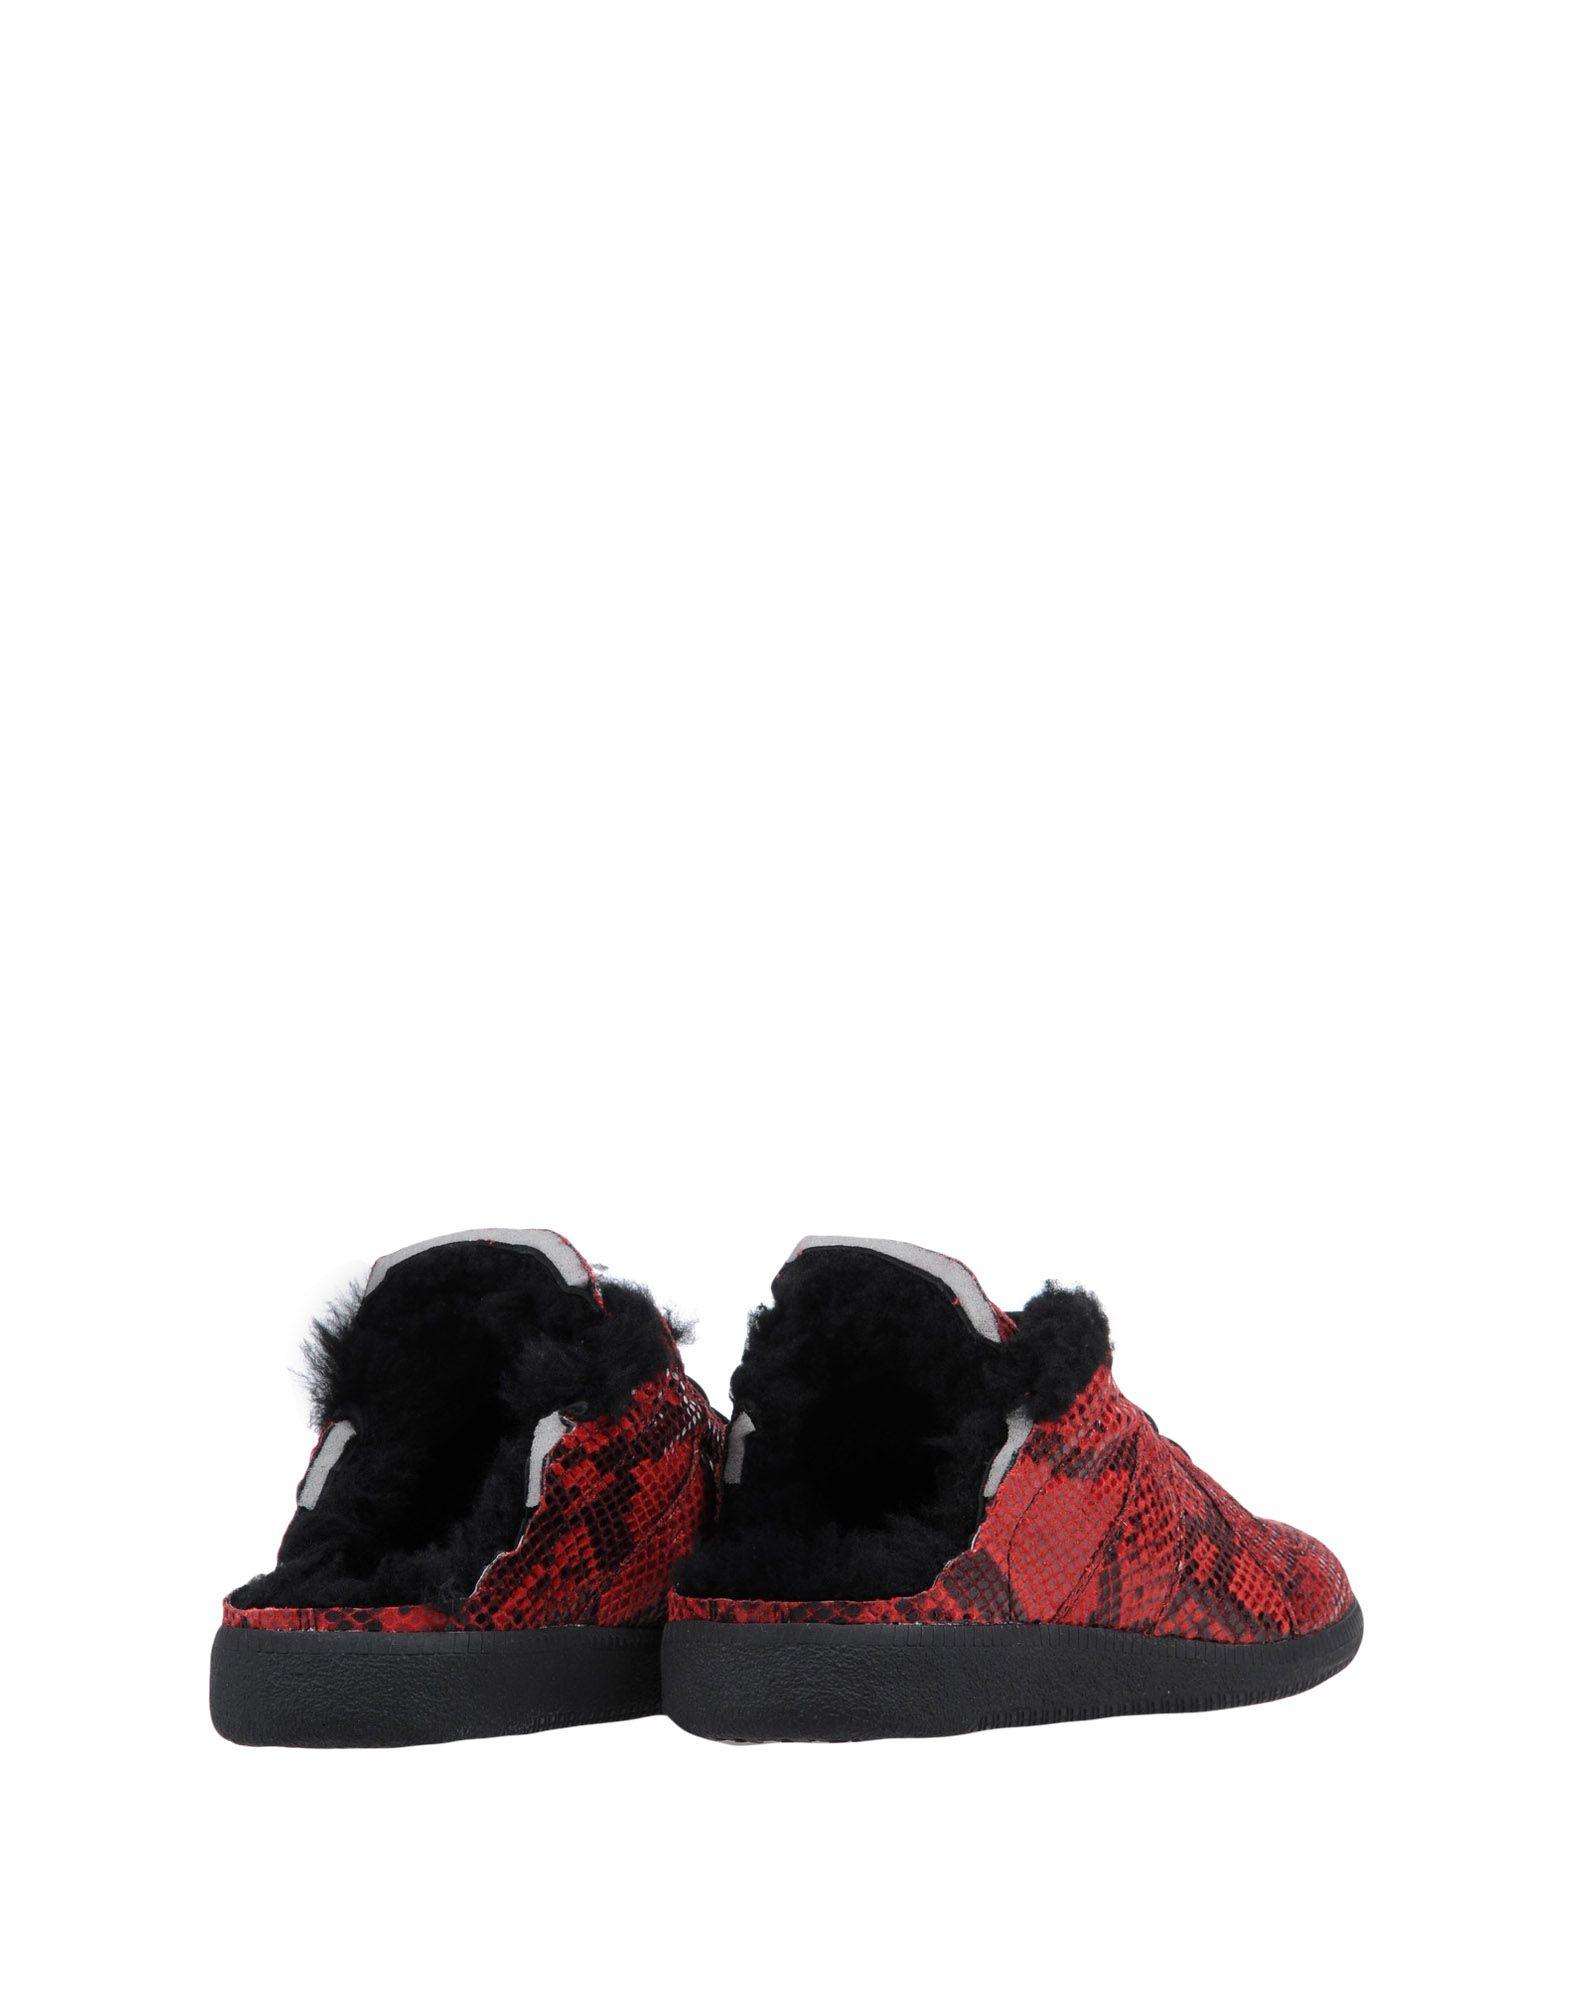 Maison Margiela Pantoletten Damen Neue  11439841HG Neue Damen Schuhe 091b52